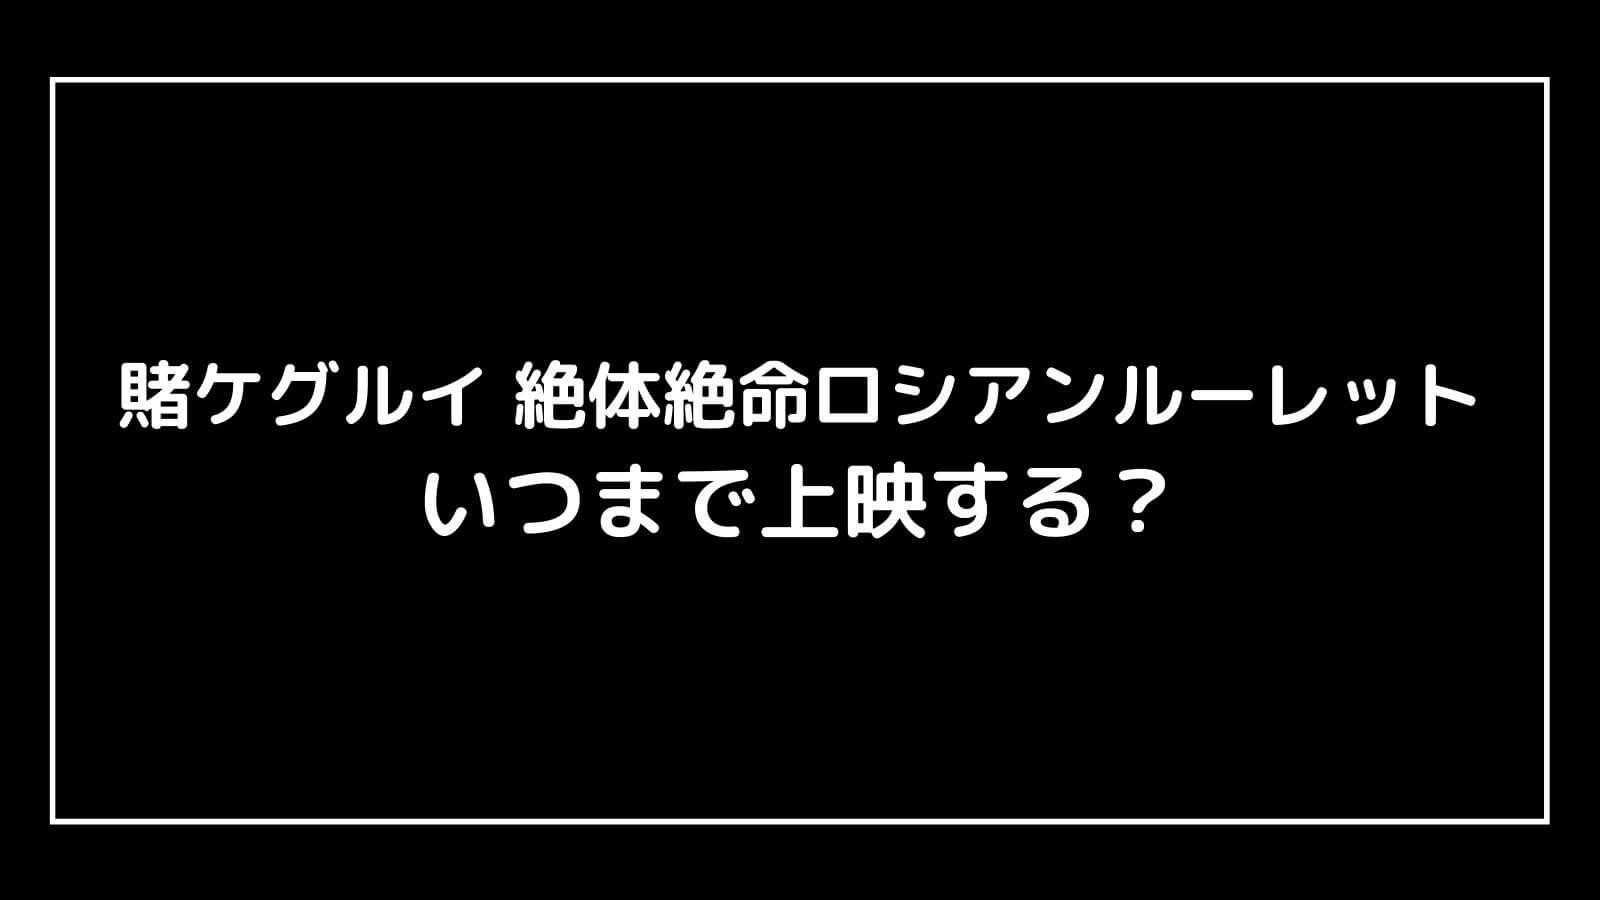 映画『賭ケグルイ 絶体絶命ロシアンルーレット』はいつまで上映される?元映画館社員が予想